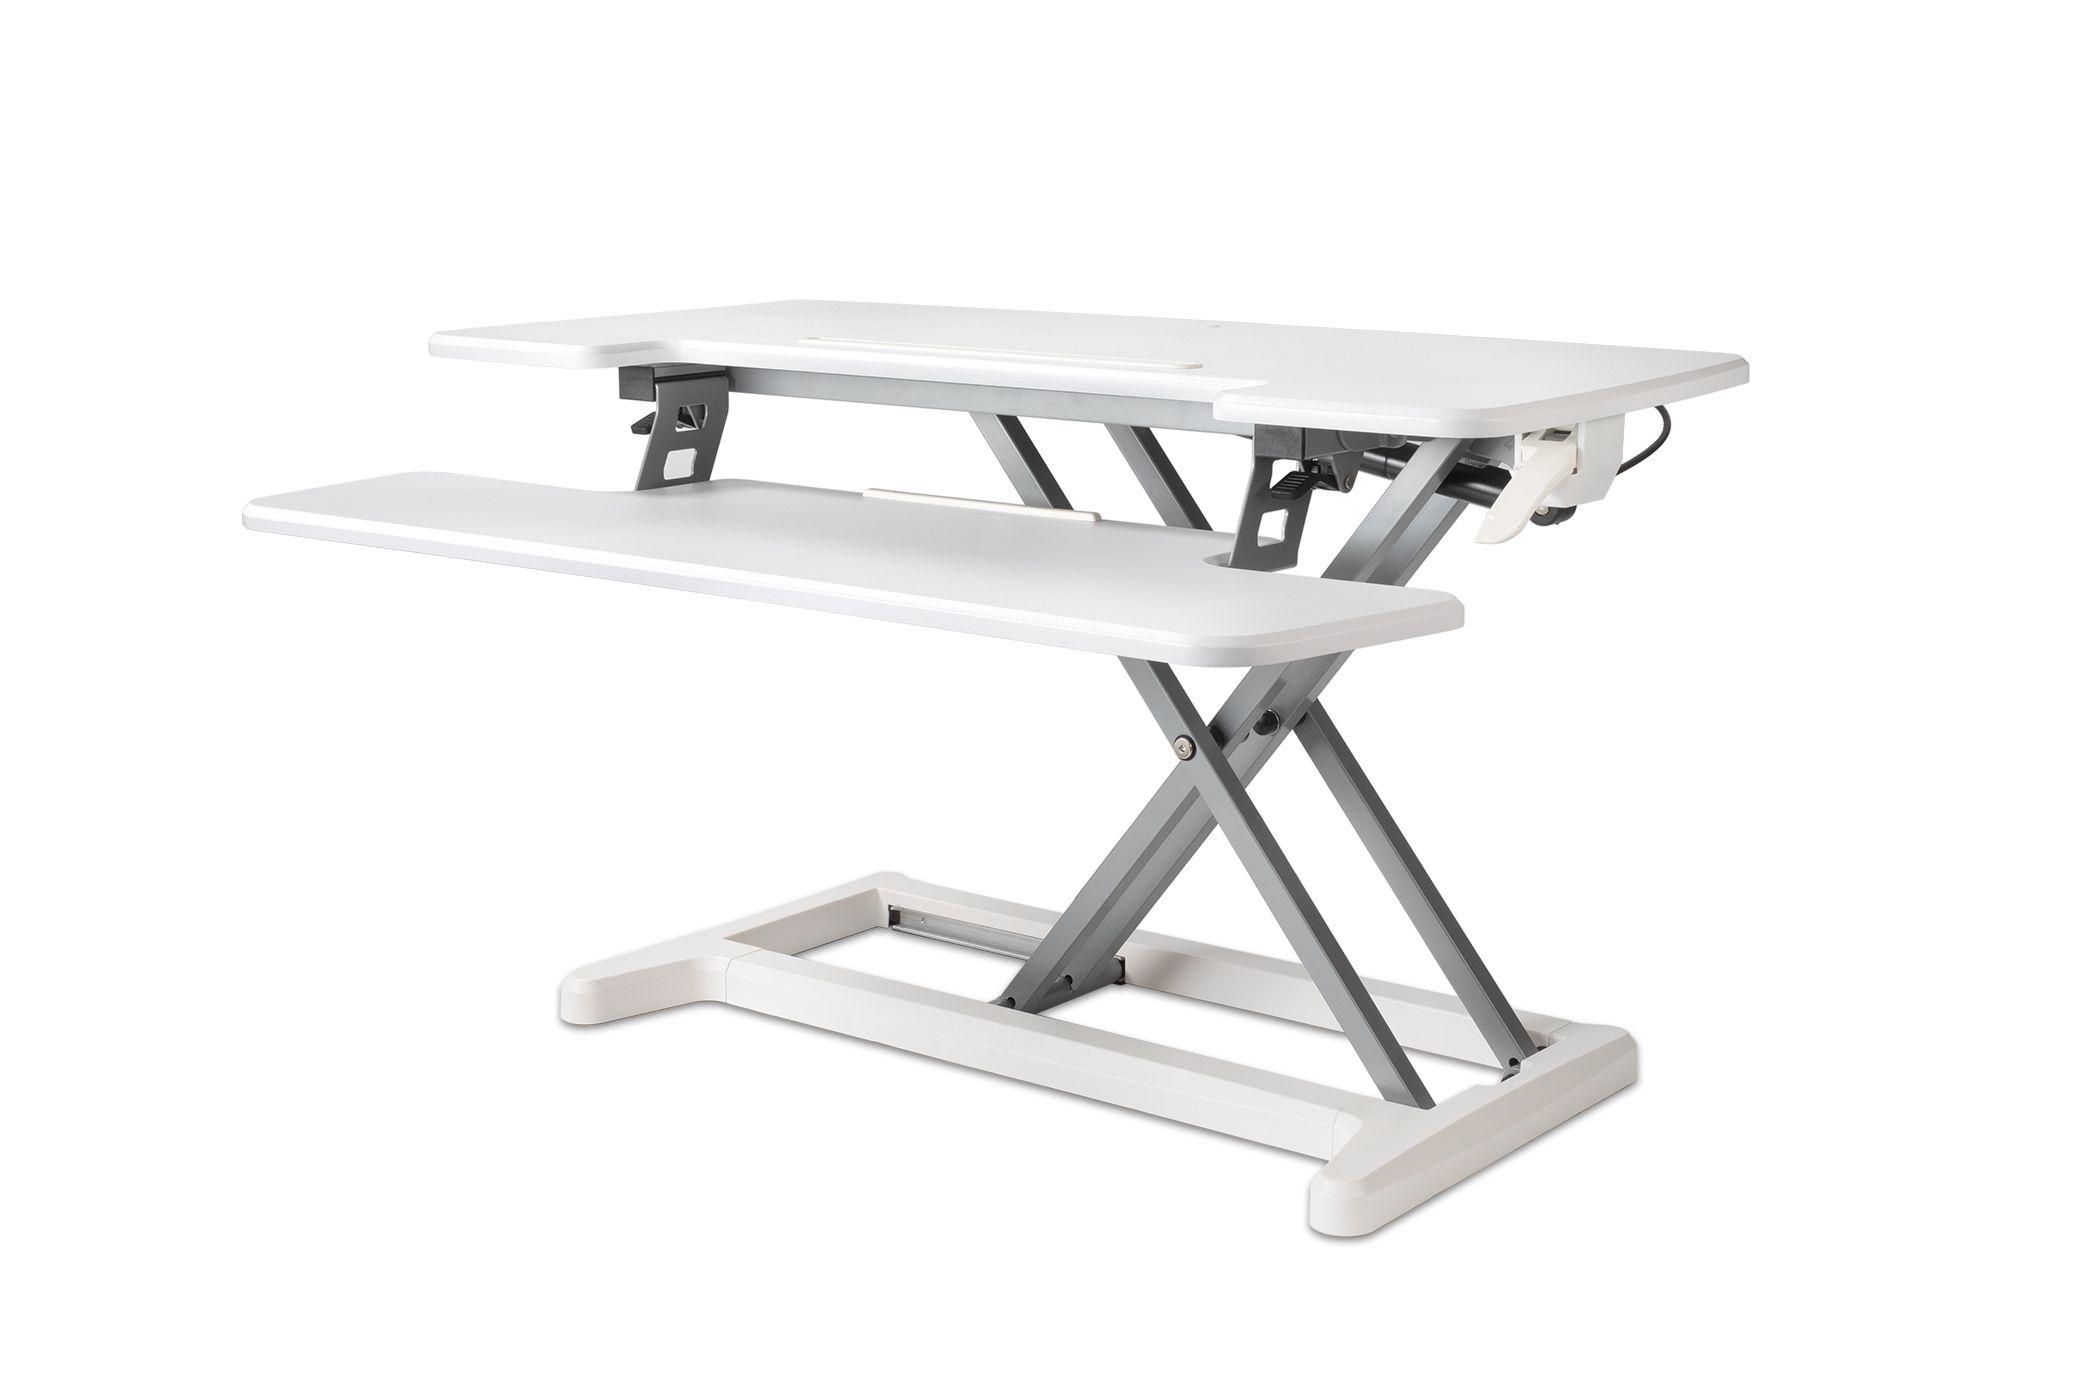 BakkerElkhuizen Adjustable Sit-Stand Desk Riser 2 - Svart